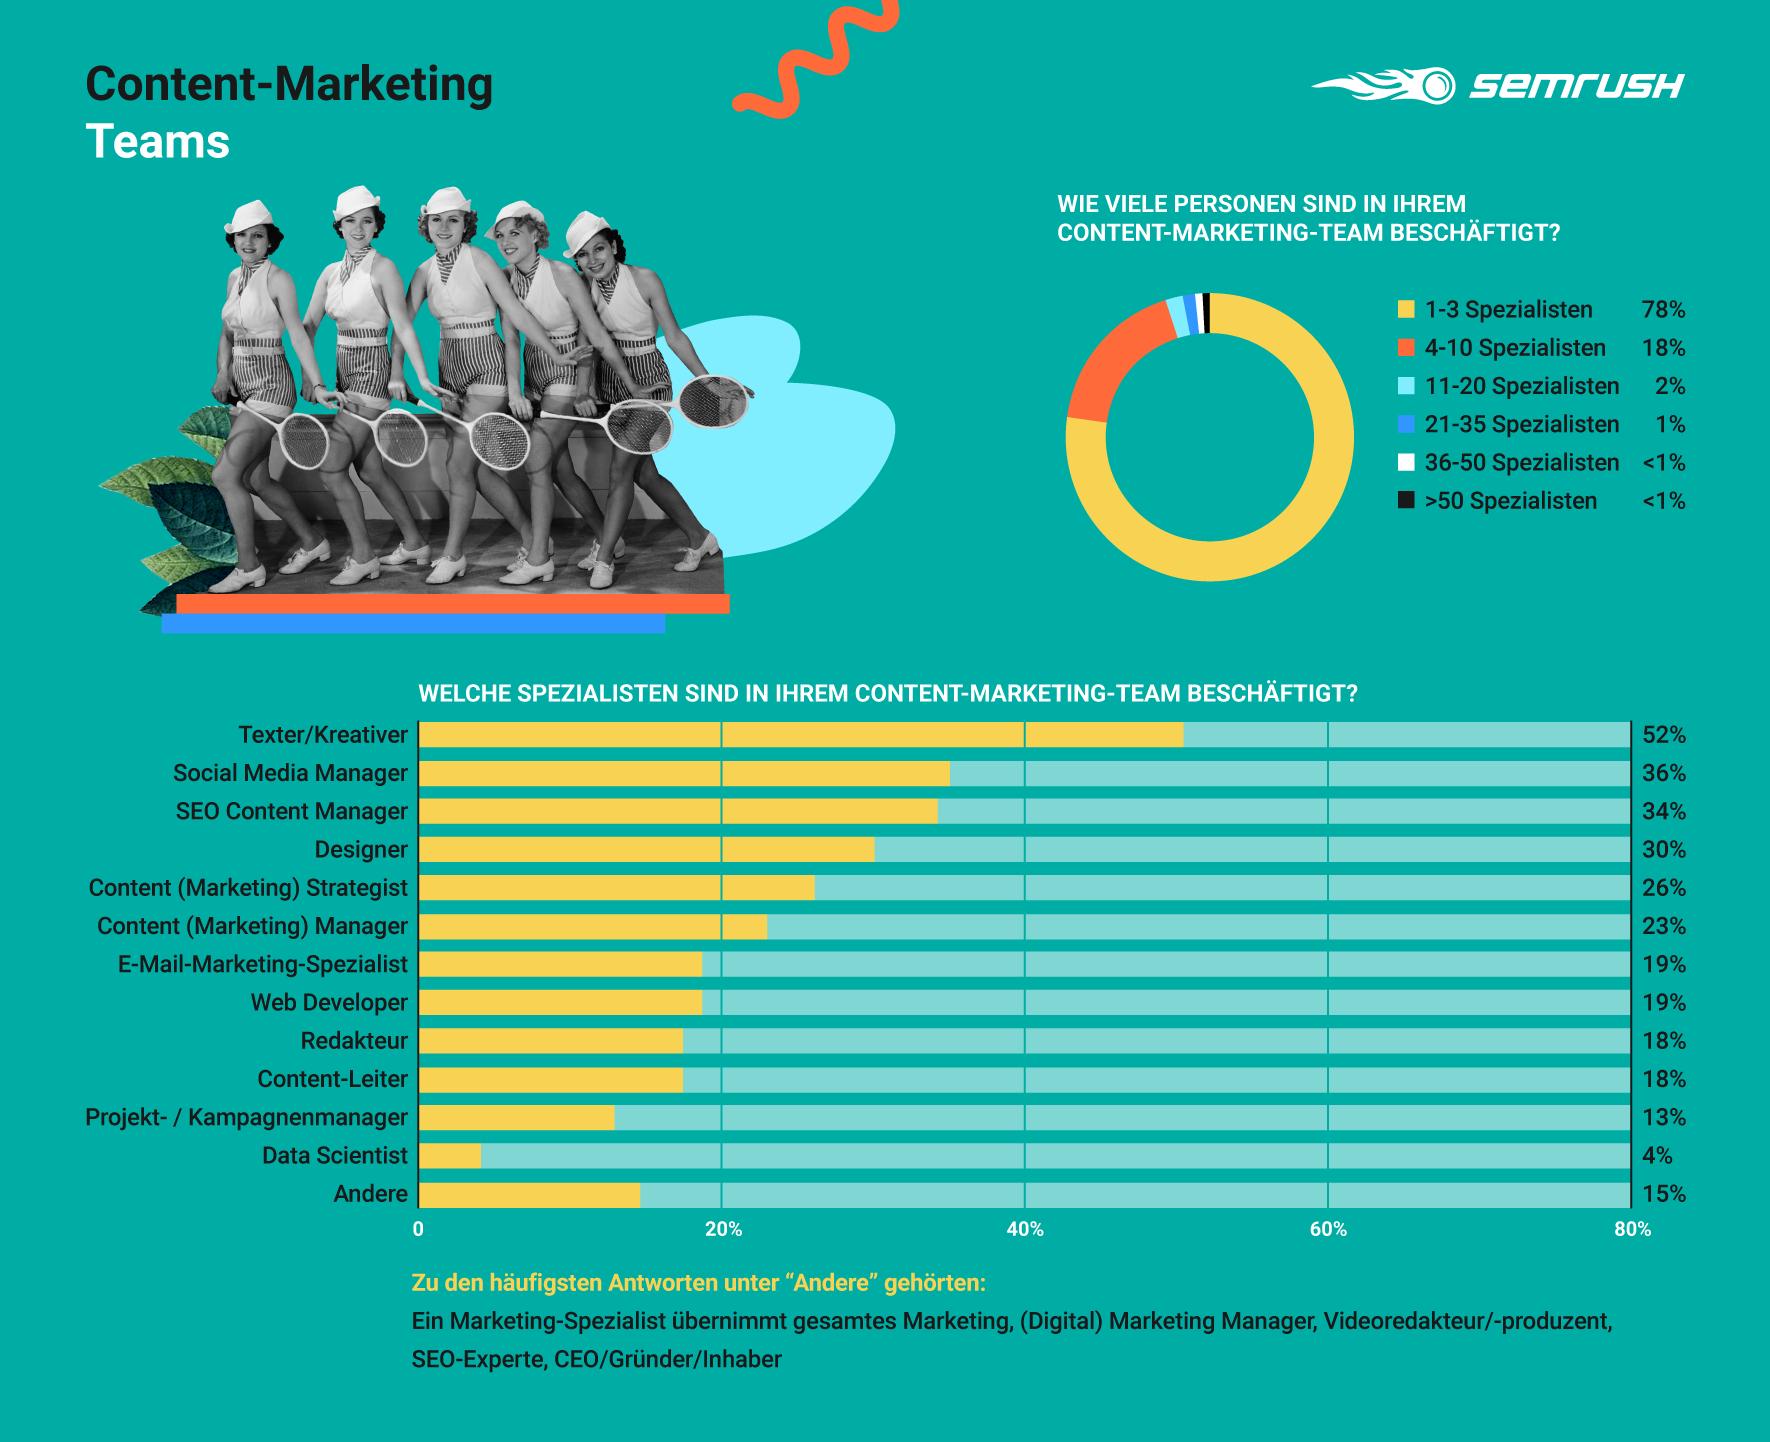 Content-Marketing-Teams